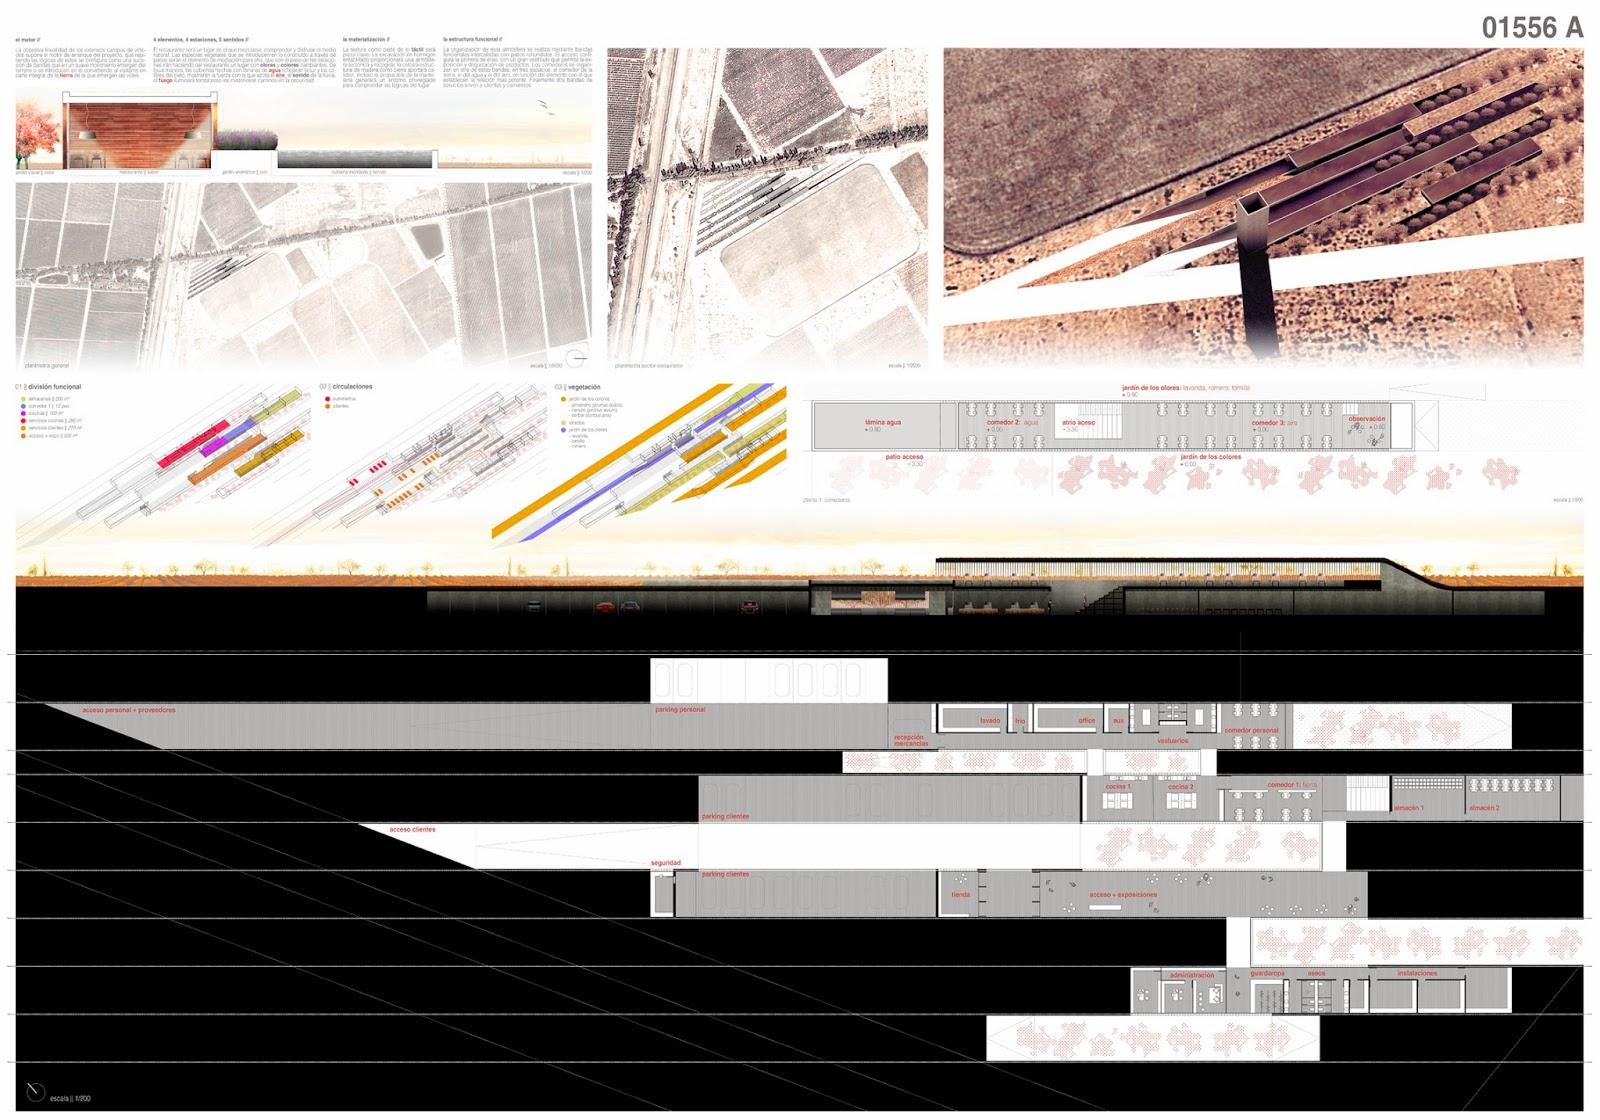 Apuntes revista digital de arquitectura primer concurso for Revistas arquitectura espana